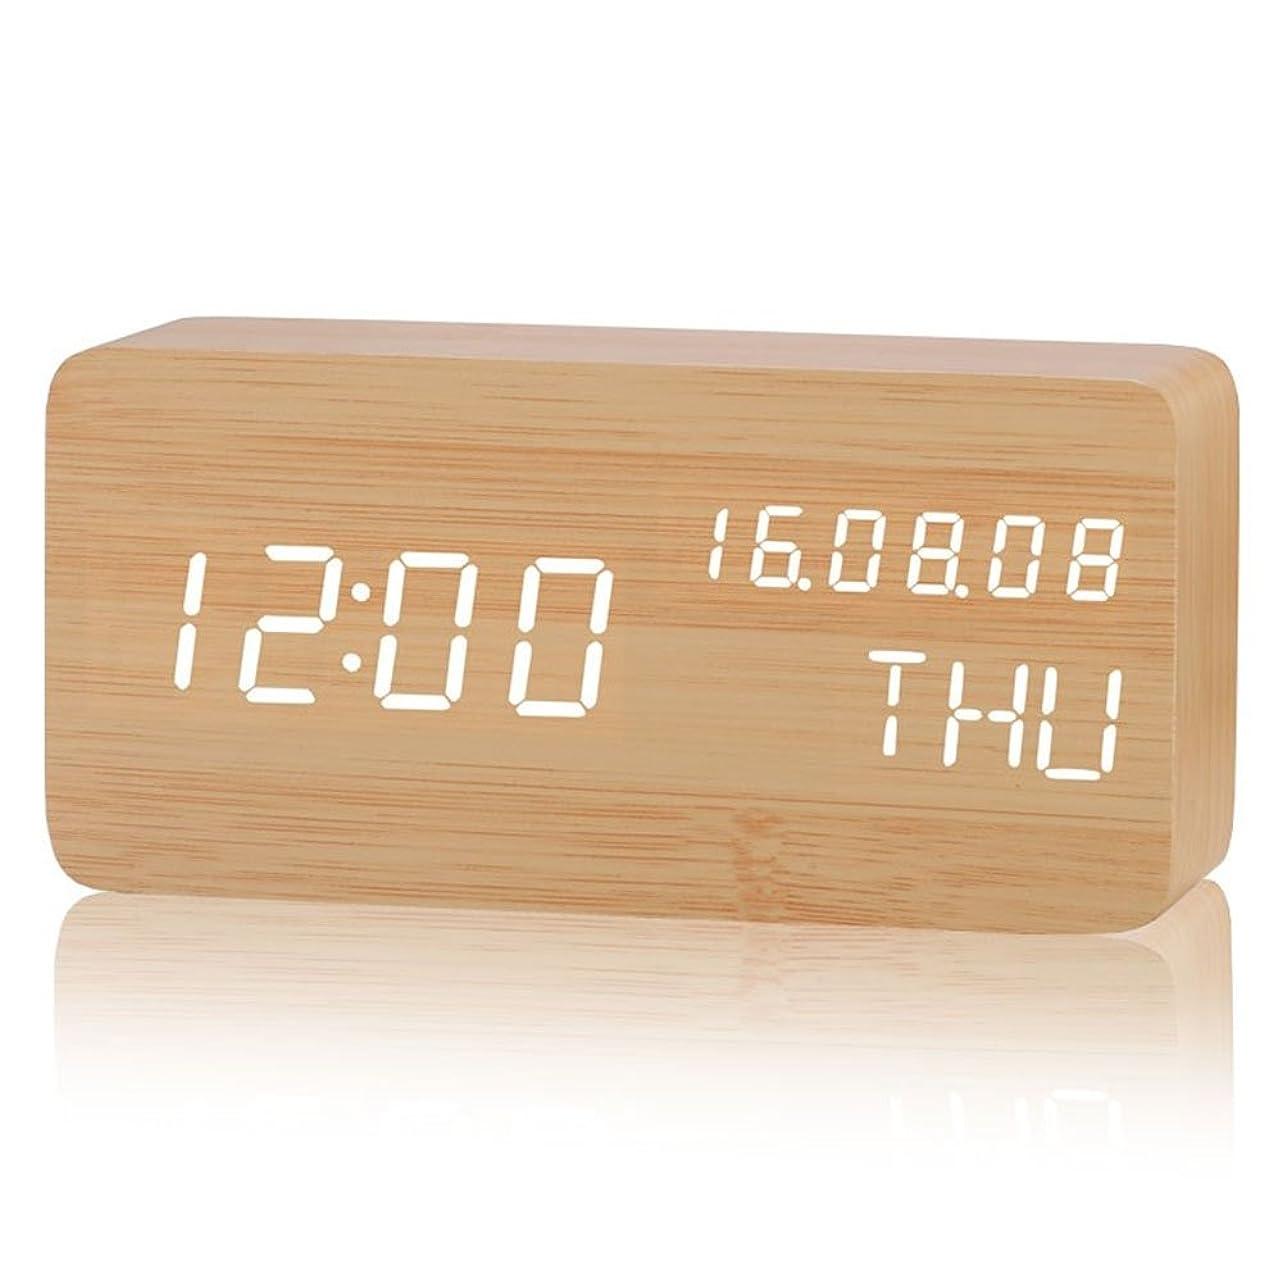 光トークンストレスCangad 目覚まし時計 木製 置き時計 デジタル LED表示 温湿度計 大音量 設定記憶 音声感知 振動/音感センサー 輝度調節 USB給電/電池 ナチュラル風